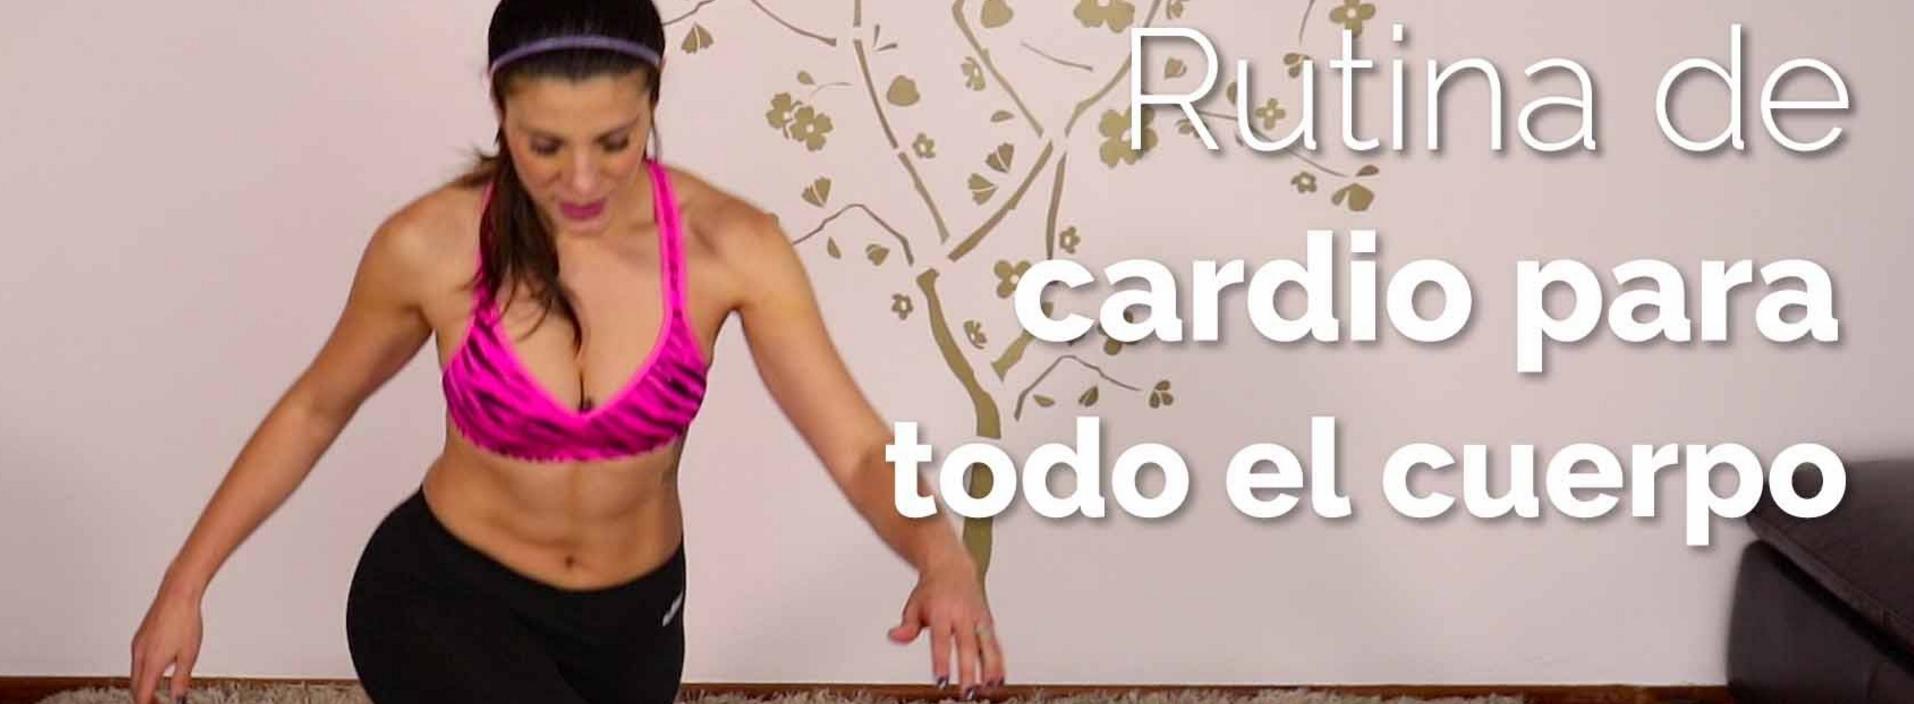 RUTINA DE CARDIO PARA TODO EL CUERPO